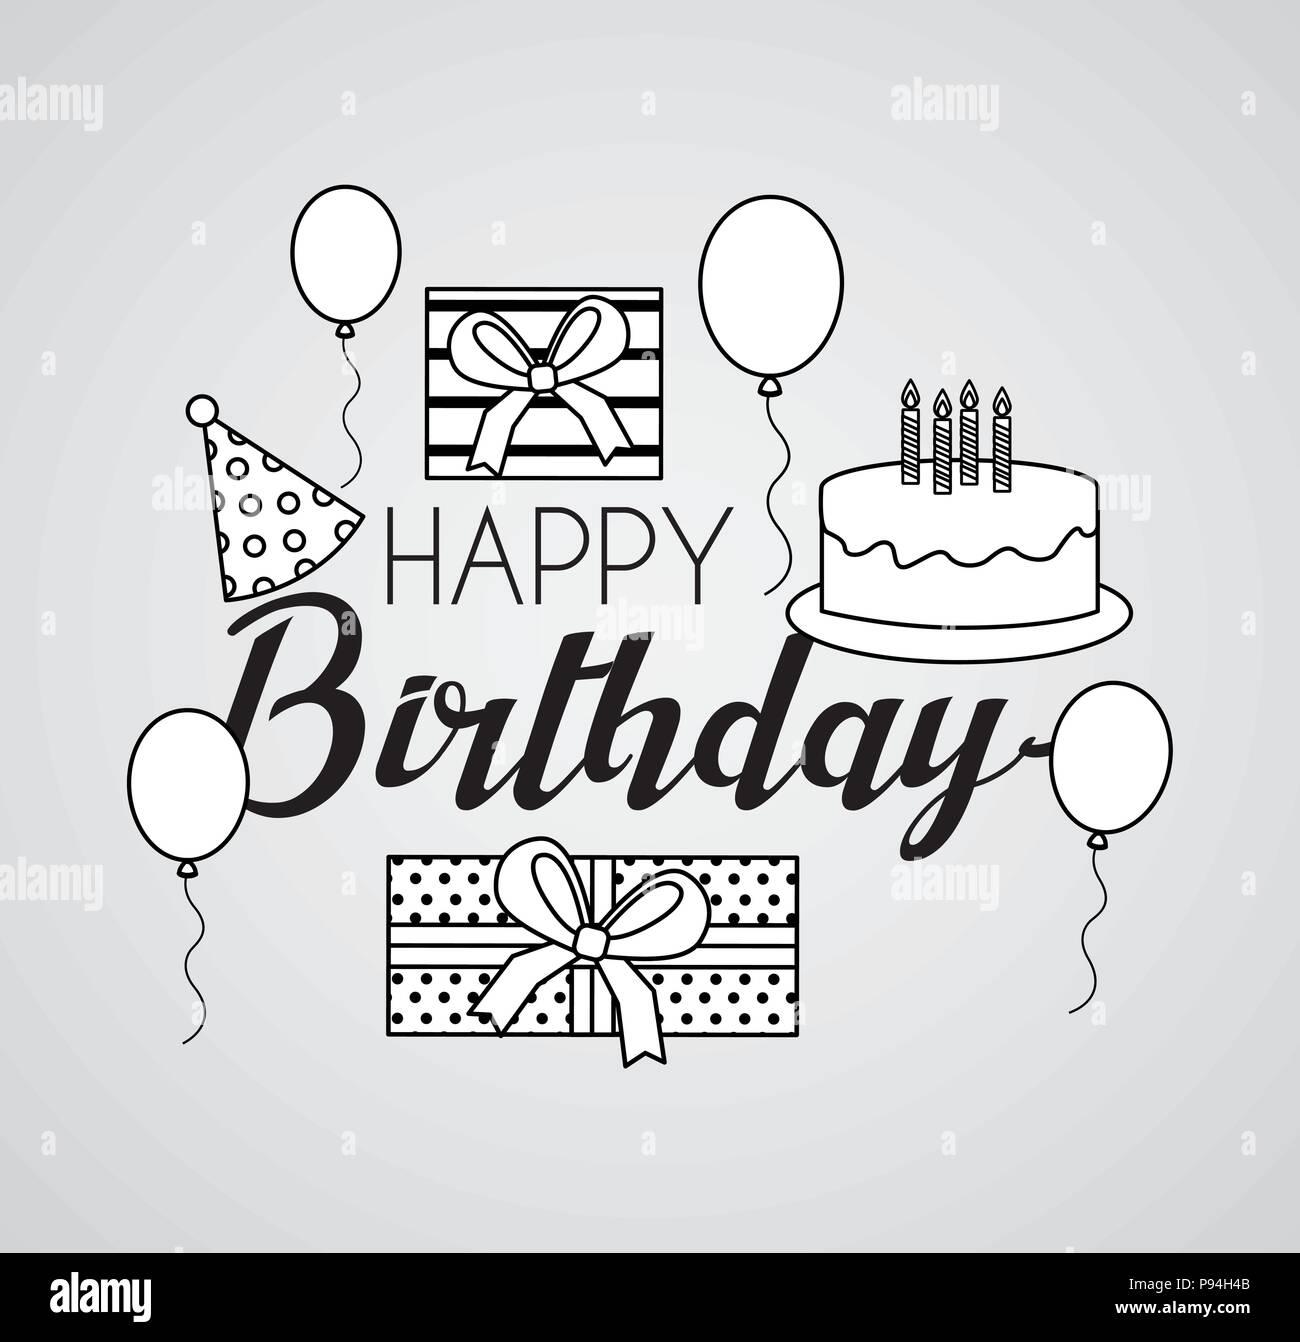 Happy Birthday Card Draw Kuchen Hute Ballons Zeichen Vector Illustration